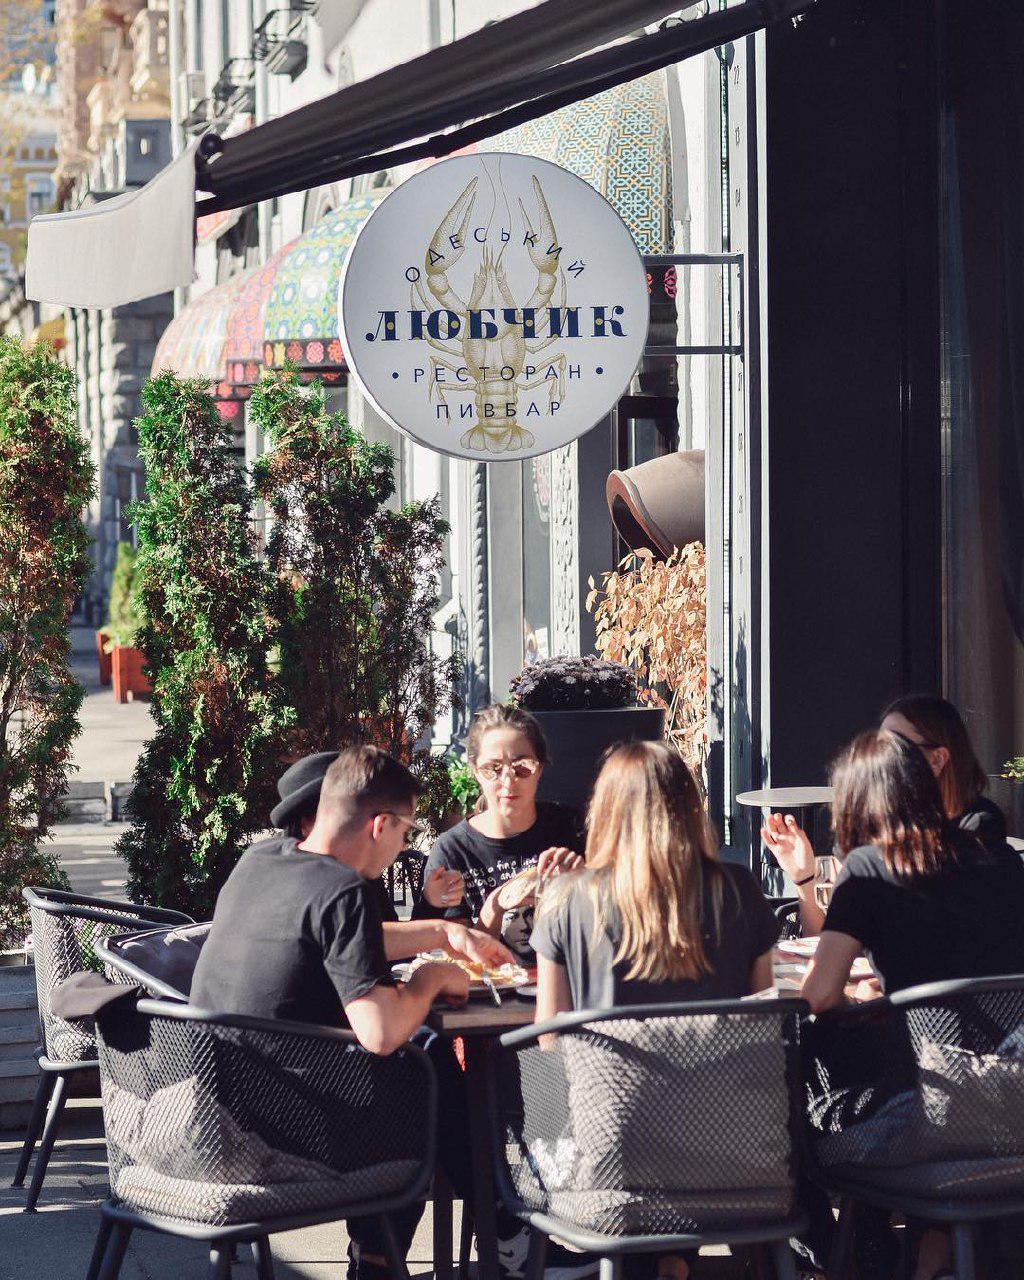 Ресторан Любчик